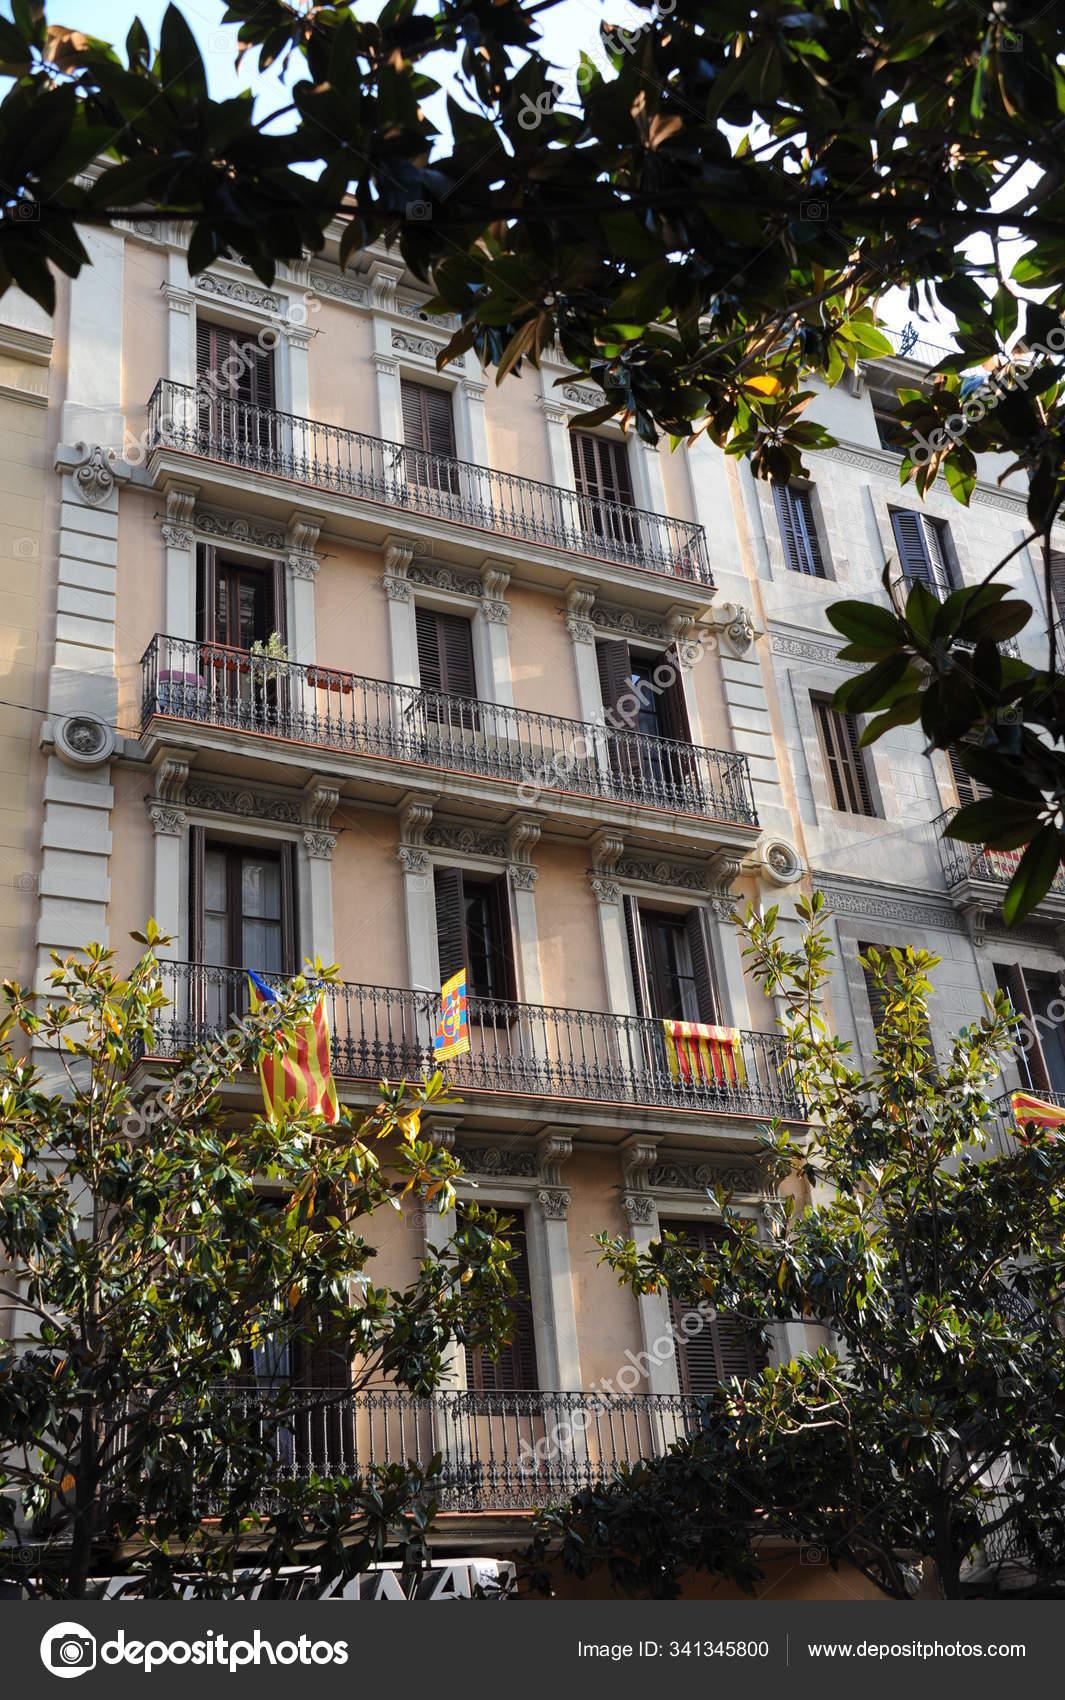 Arquitetura Espanha Cidade Barcelona Fachadas Casas Edificios Fotografia De Stock Editorial C Panthermediaseller 341345800